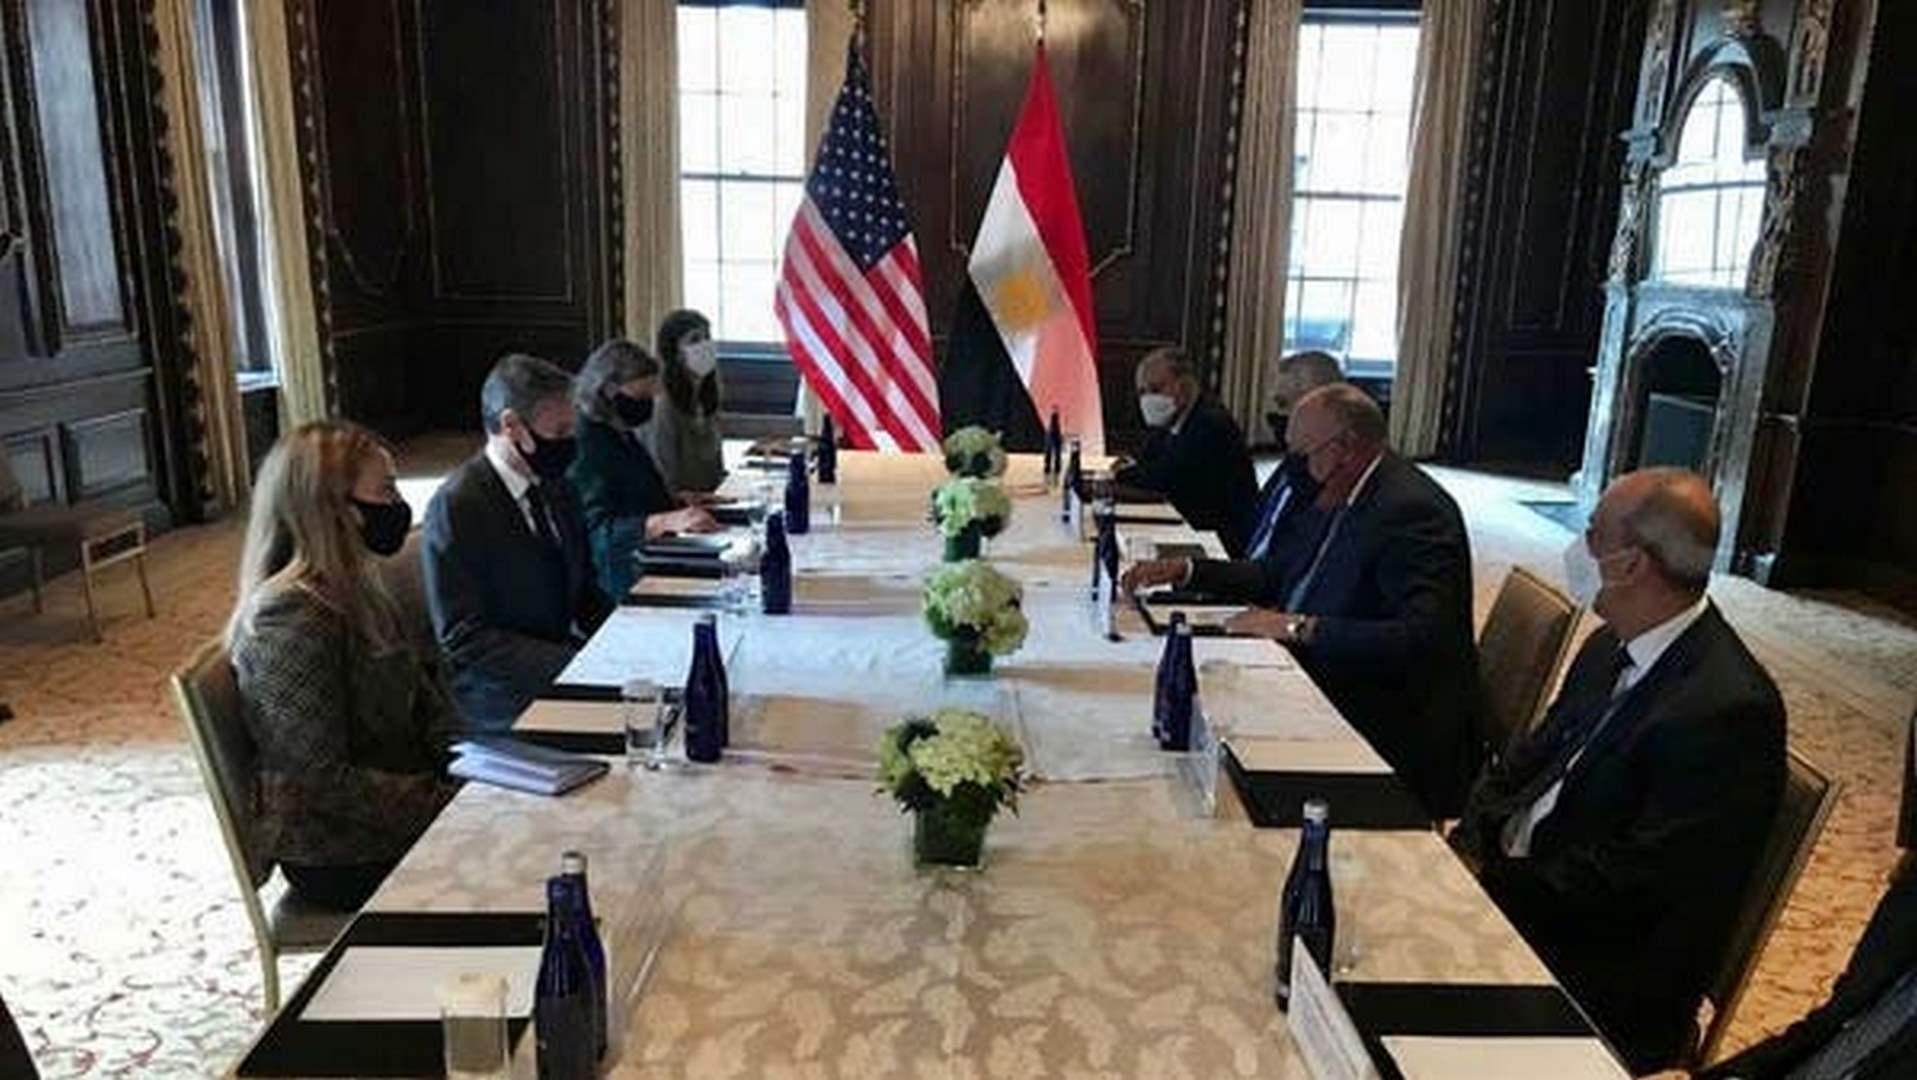 لقاء مصري أمريكي حول القضايا المشتركة